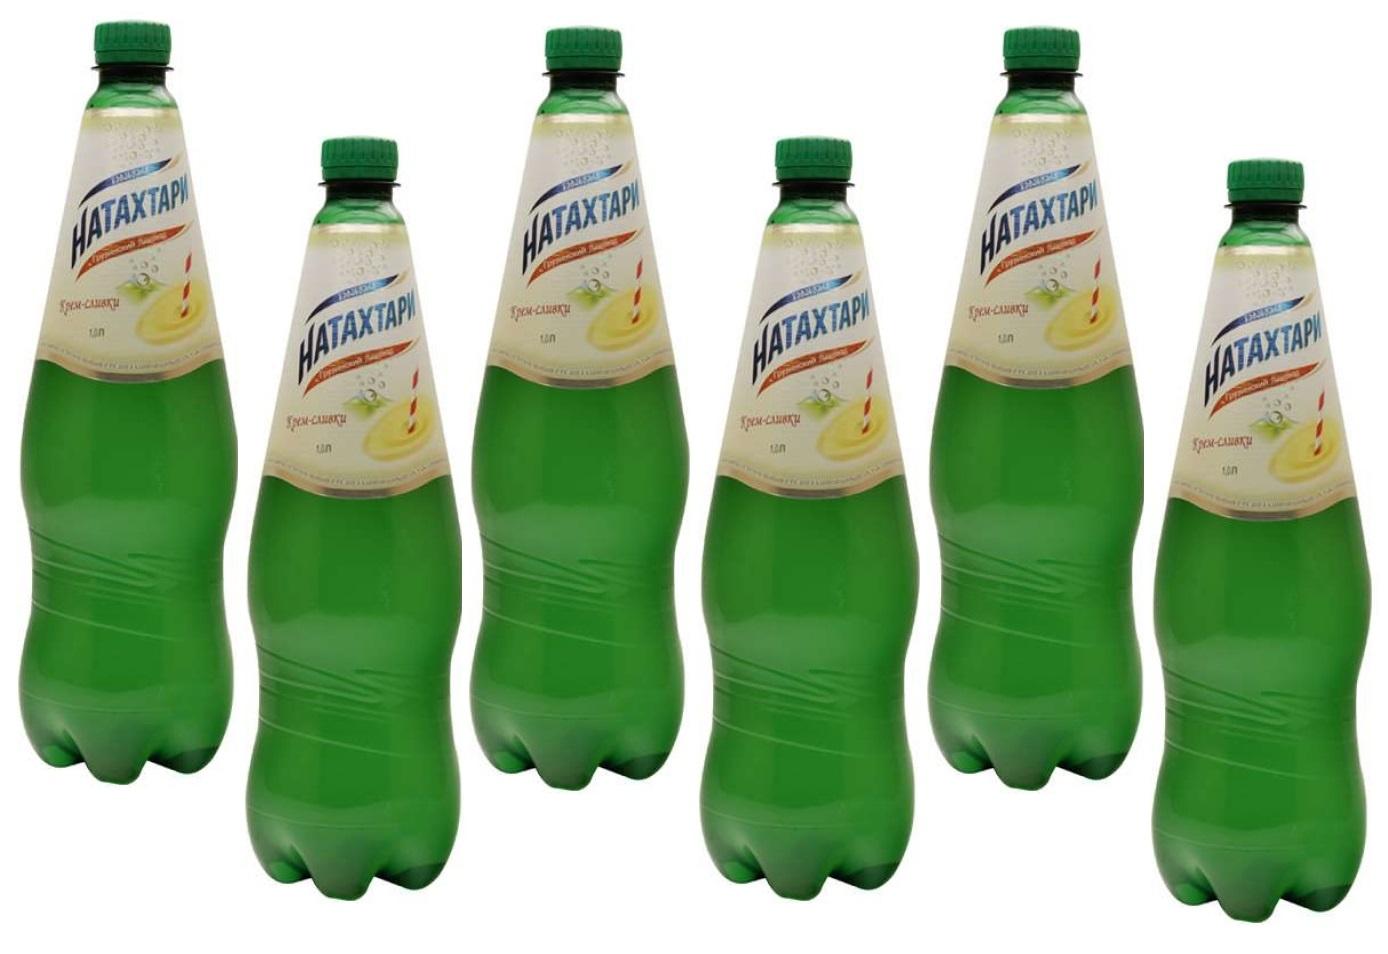 Газированный напиток Натахтари Крем-Сливки 1 литр, упаковка 6 штук